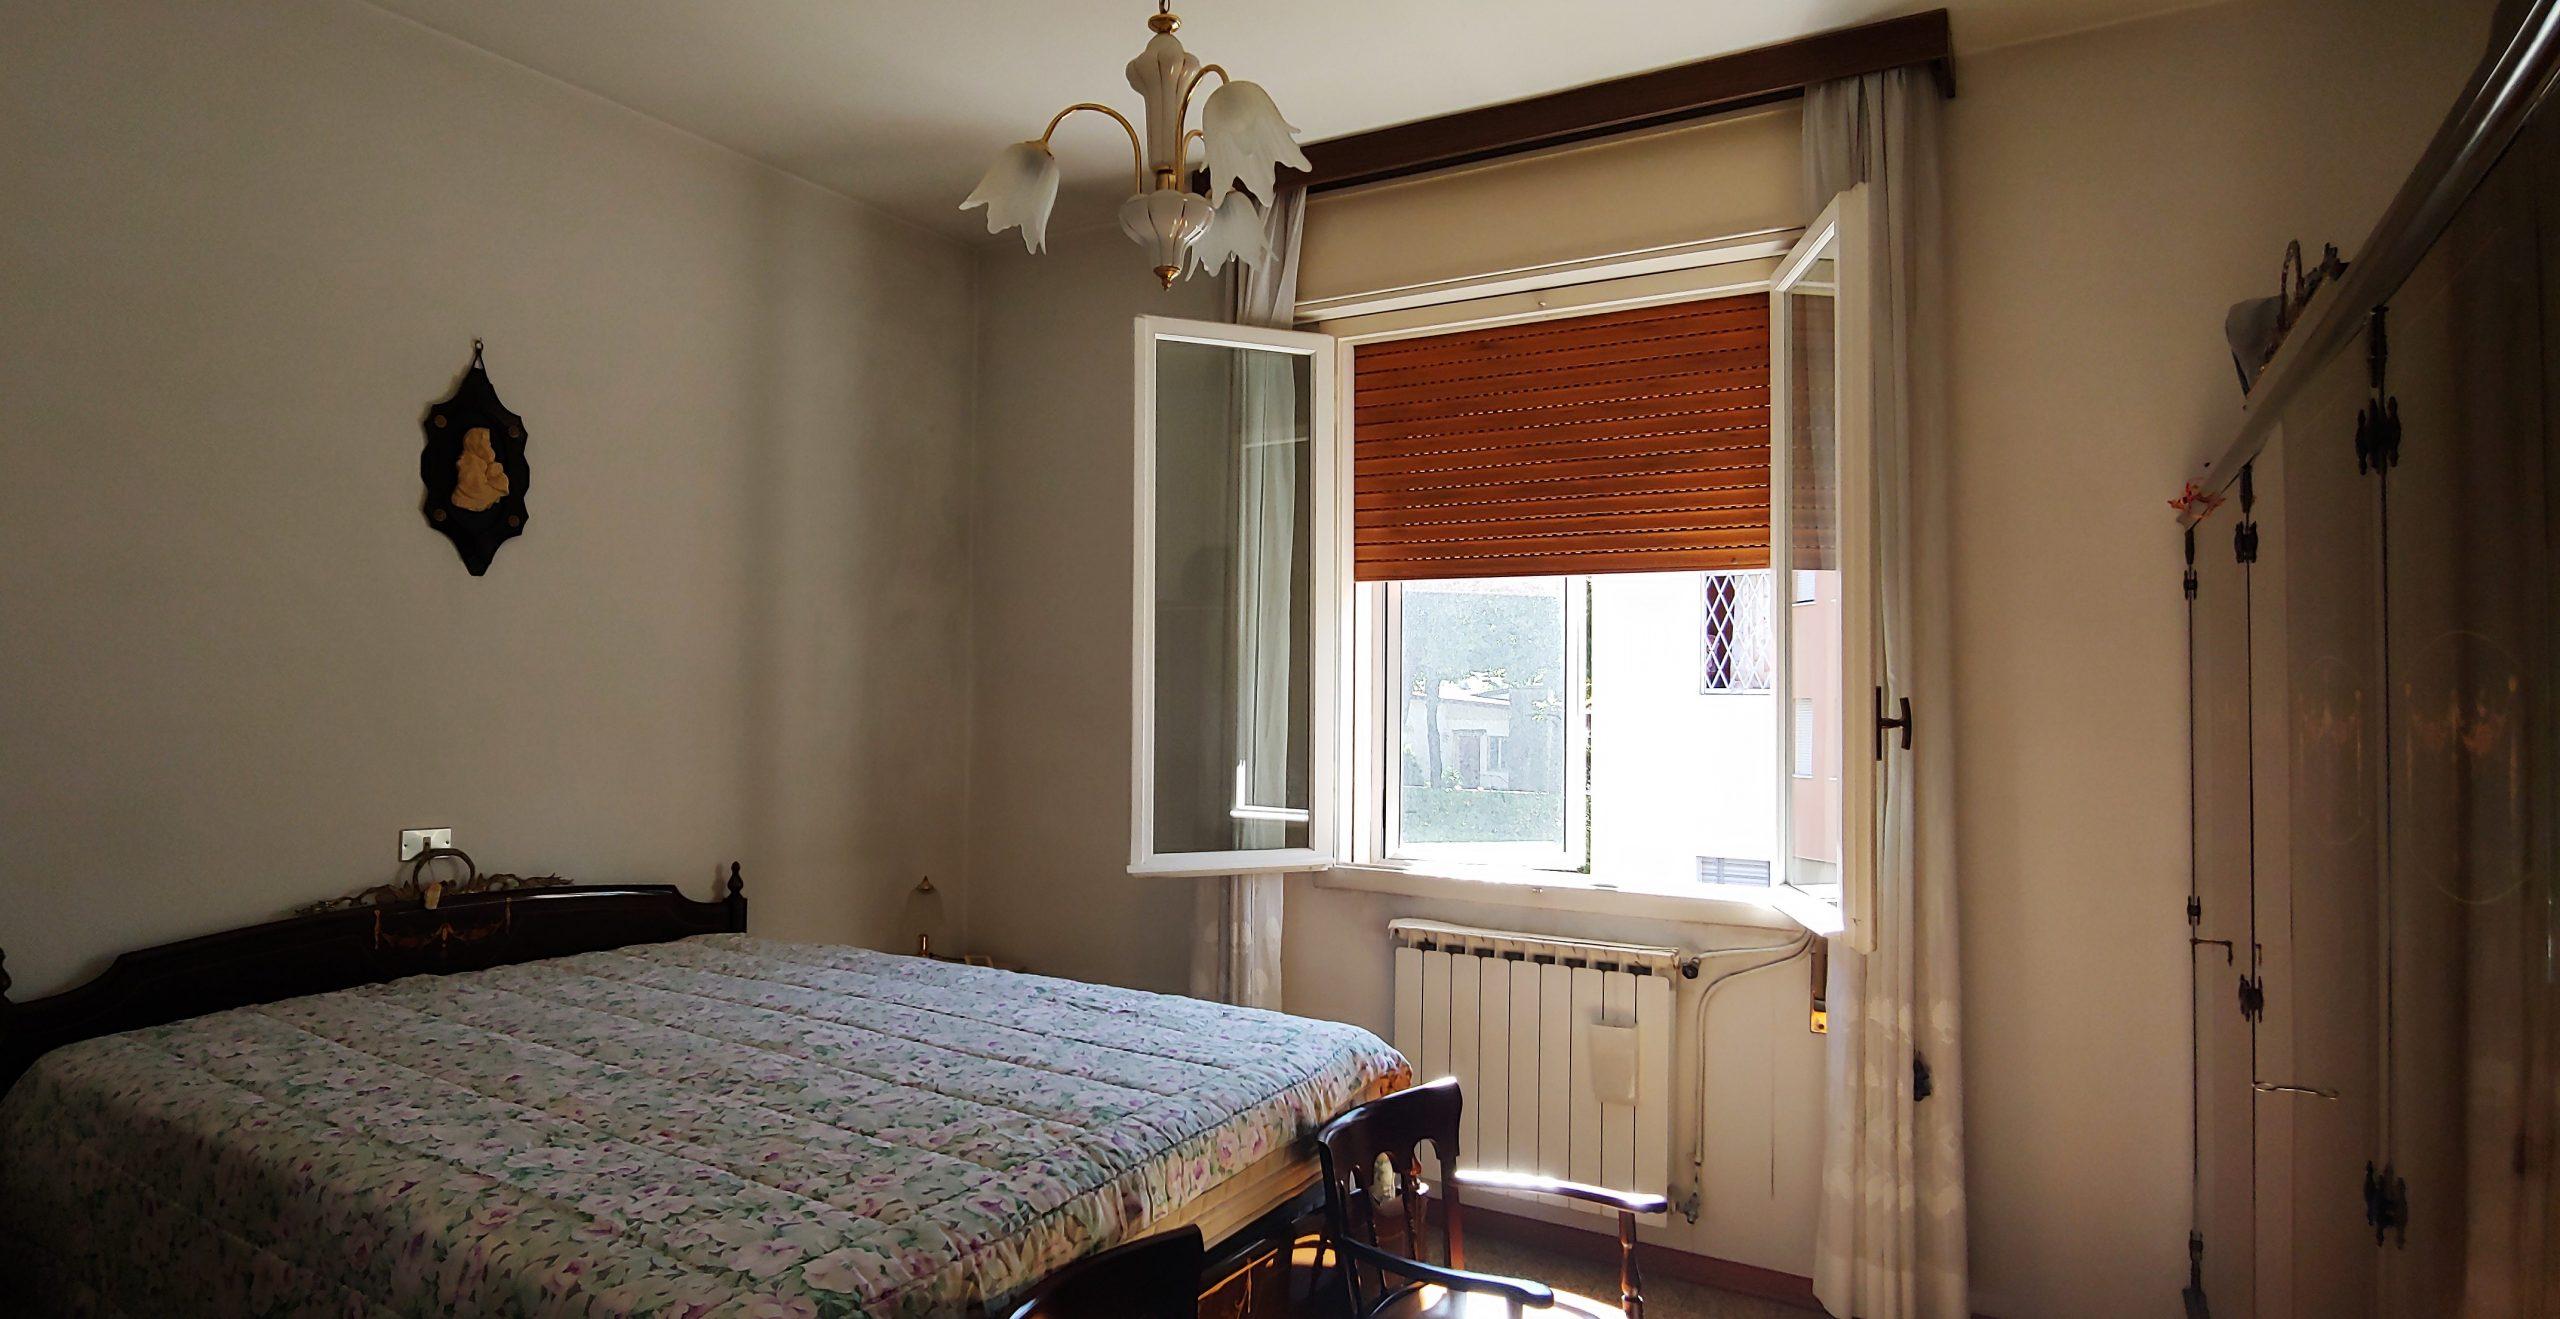 Castel Bolognese : appartamento indipendente – piano primo ed ultimo da ristrutturare€ 146000